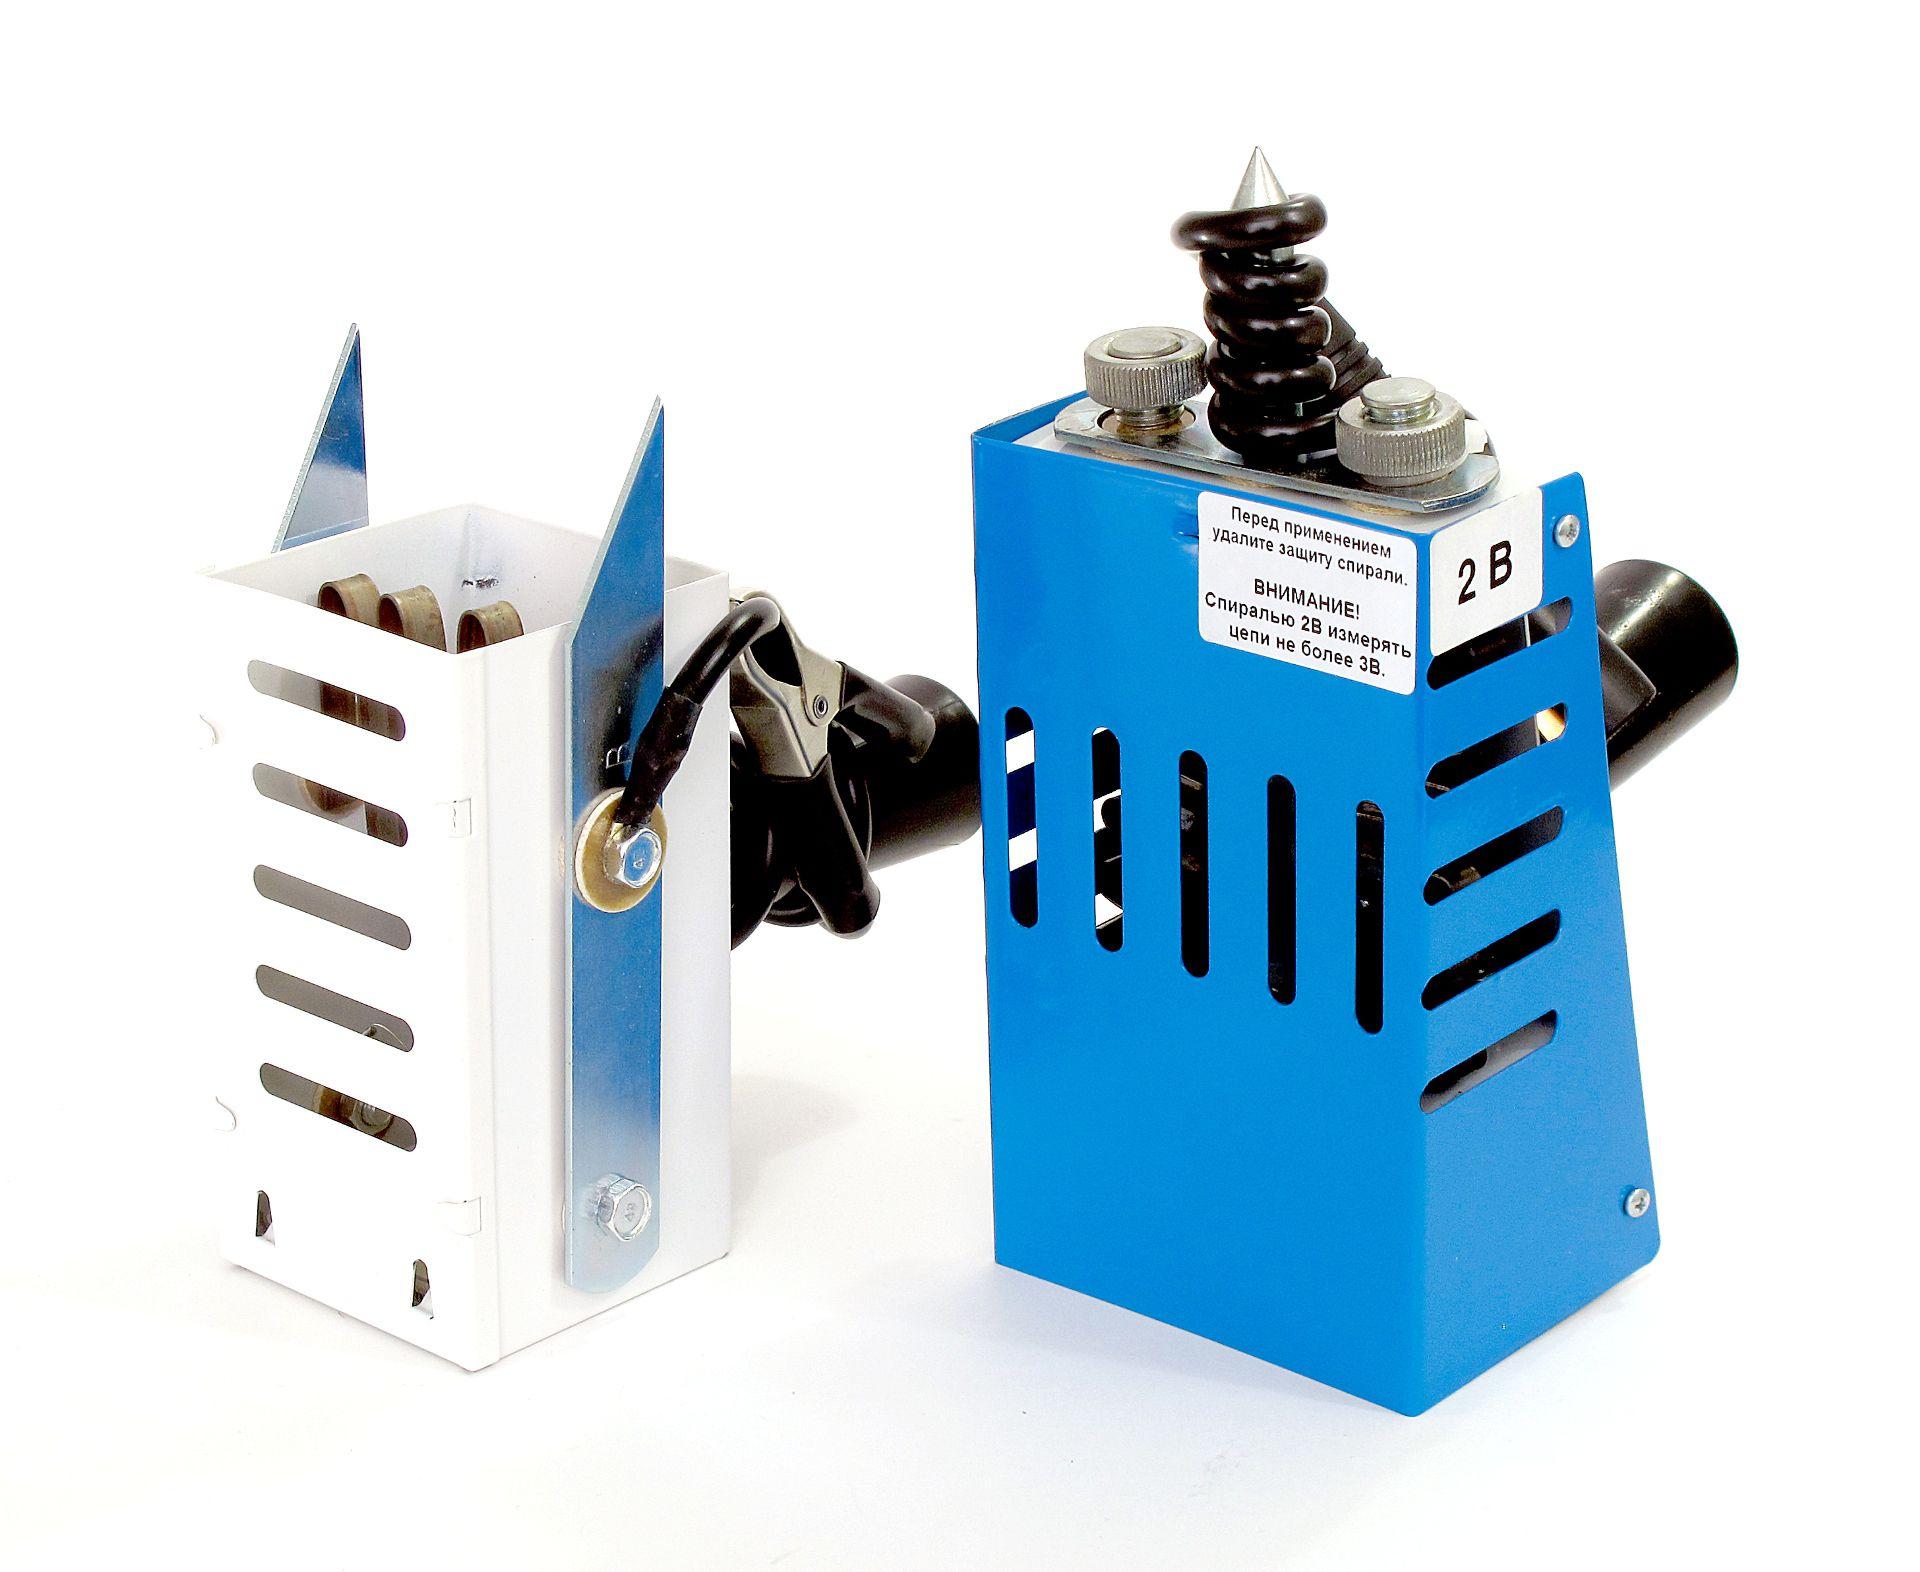 Нагрузочные вилки НВ-01 и НВ-04 измерительные щупы